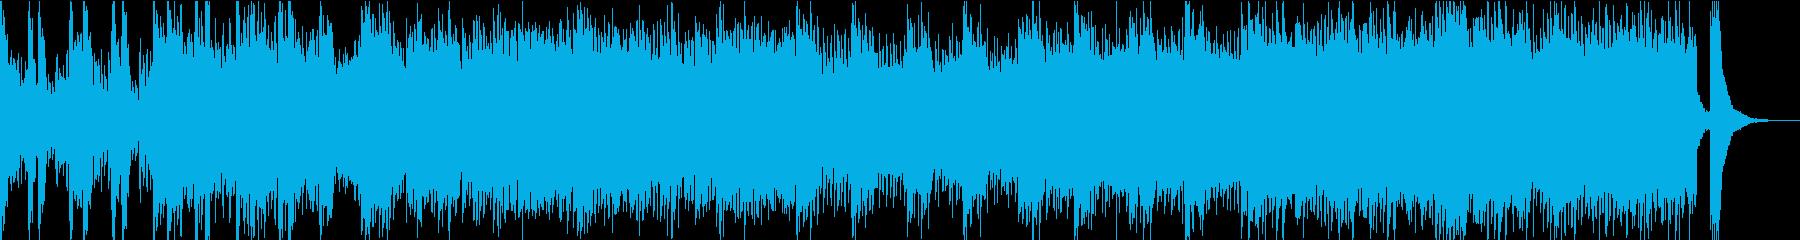 疾走感のあるアップテンポの和風テクノの再生済みの波形